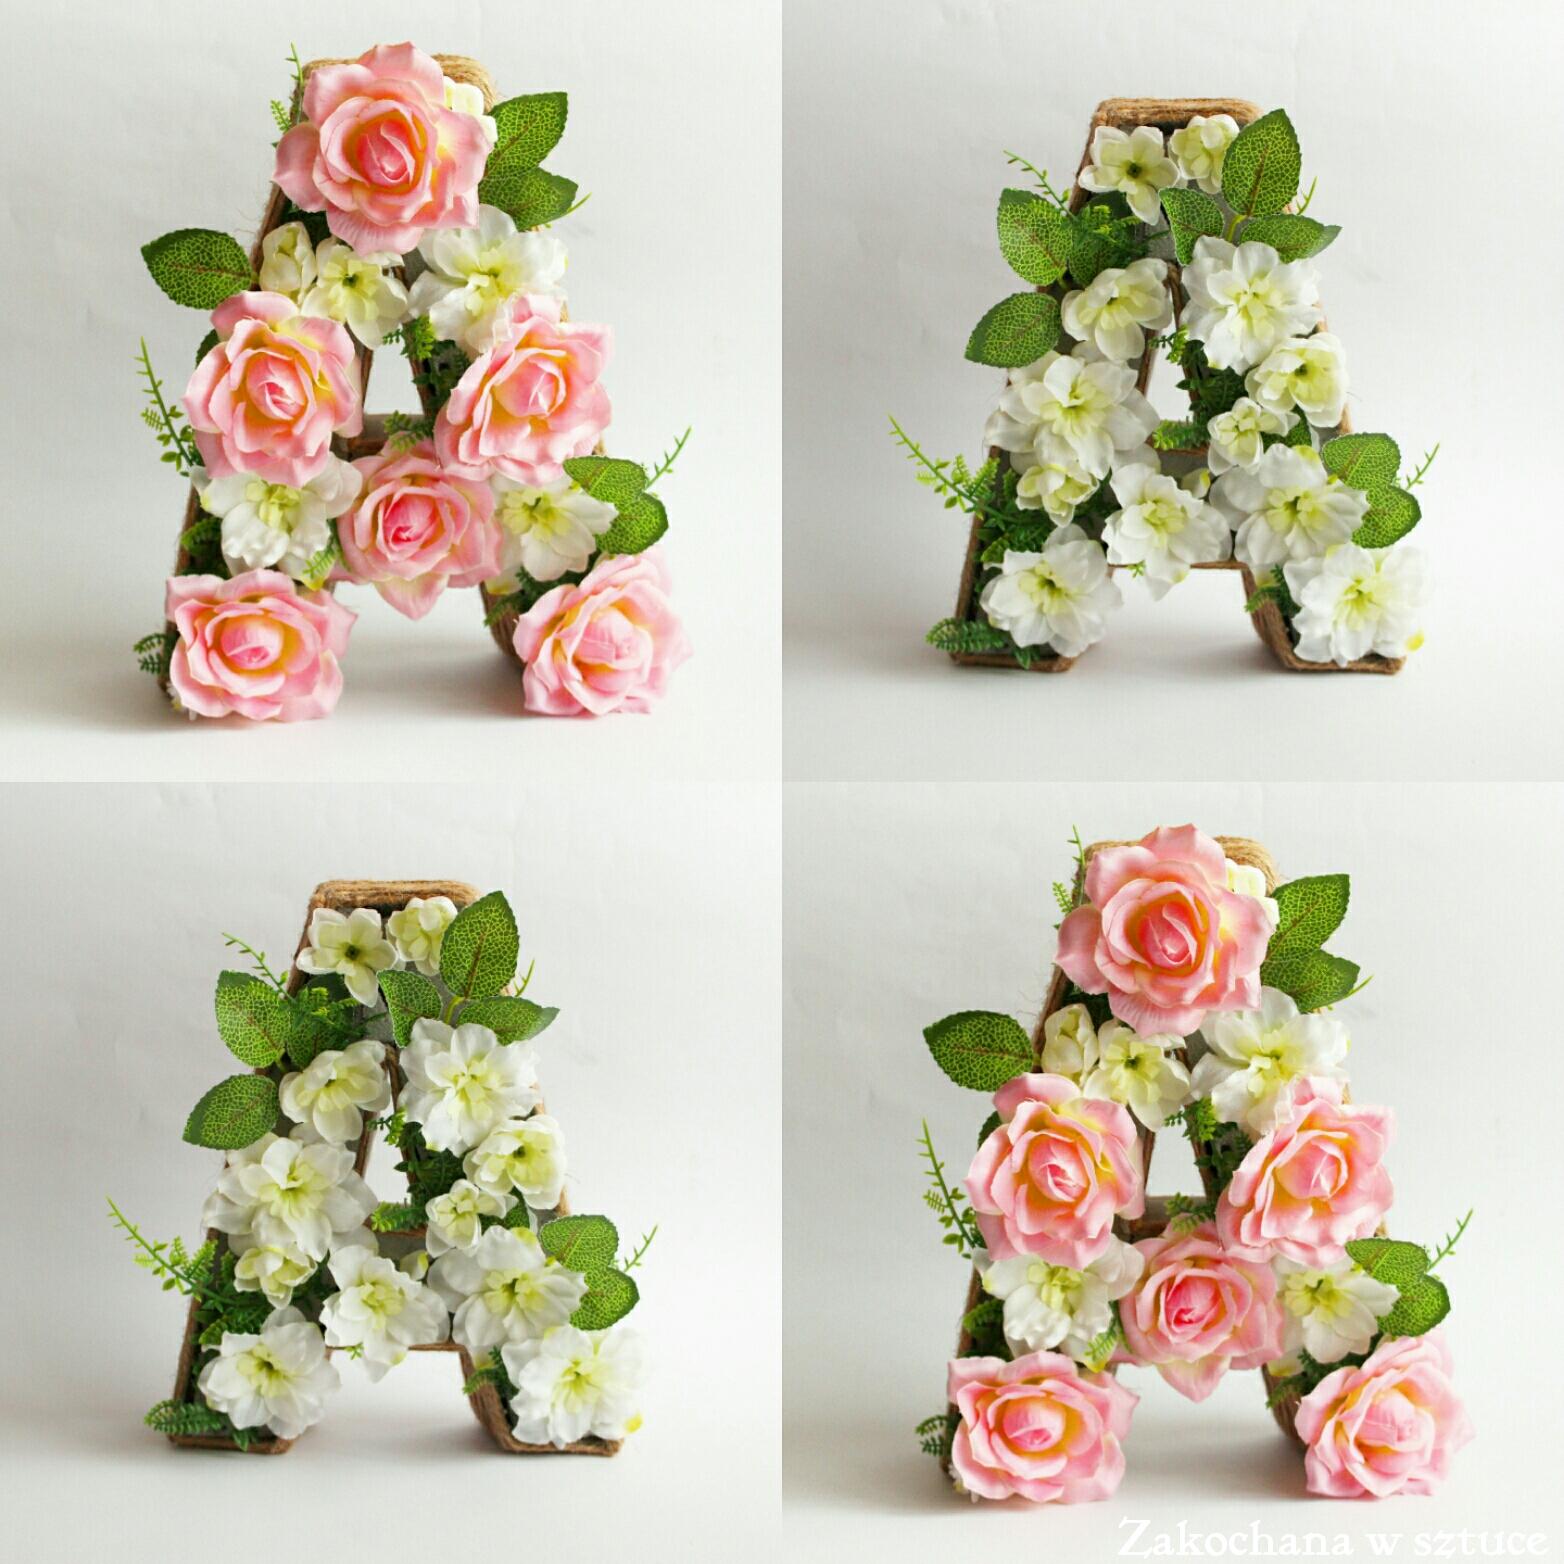 Zakochana W Sztuce Literki Z Kwiatów Inicjały ślubne Konkurs